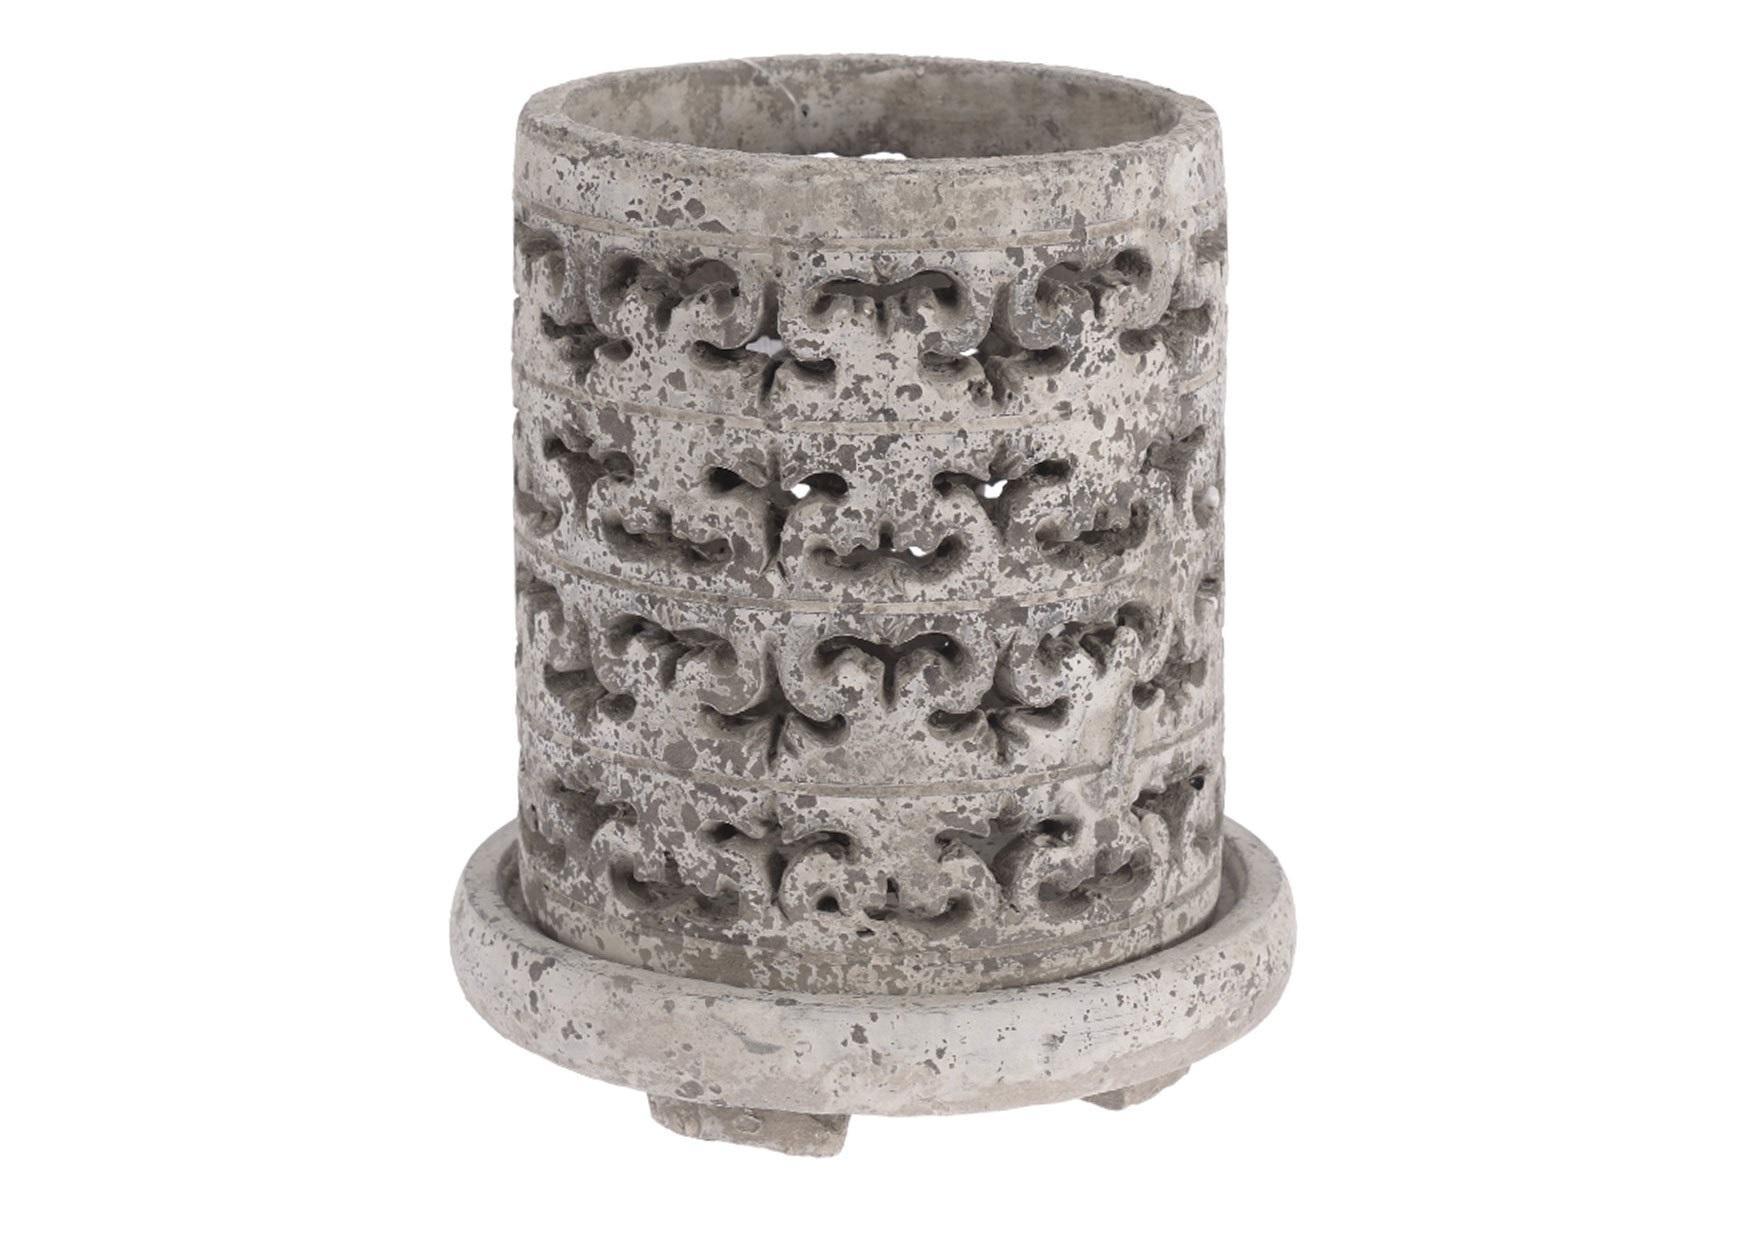 Подсвечник La CarlotaПодсвечники<br><br><br>Material: Керамика<br>Ширина см: 18.0<br>Высота см: 20.0<br>Глубина см: 18.0